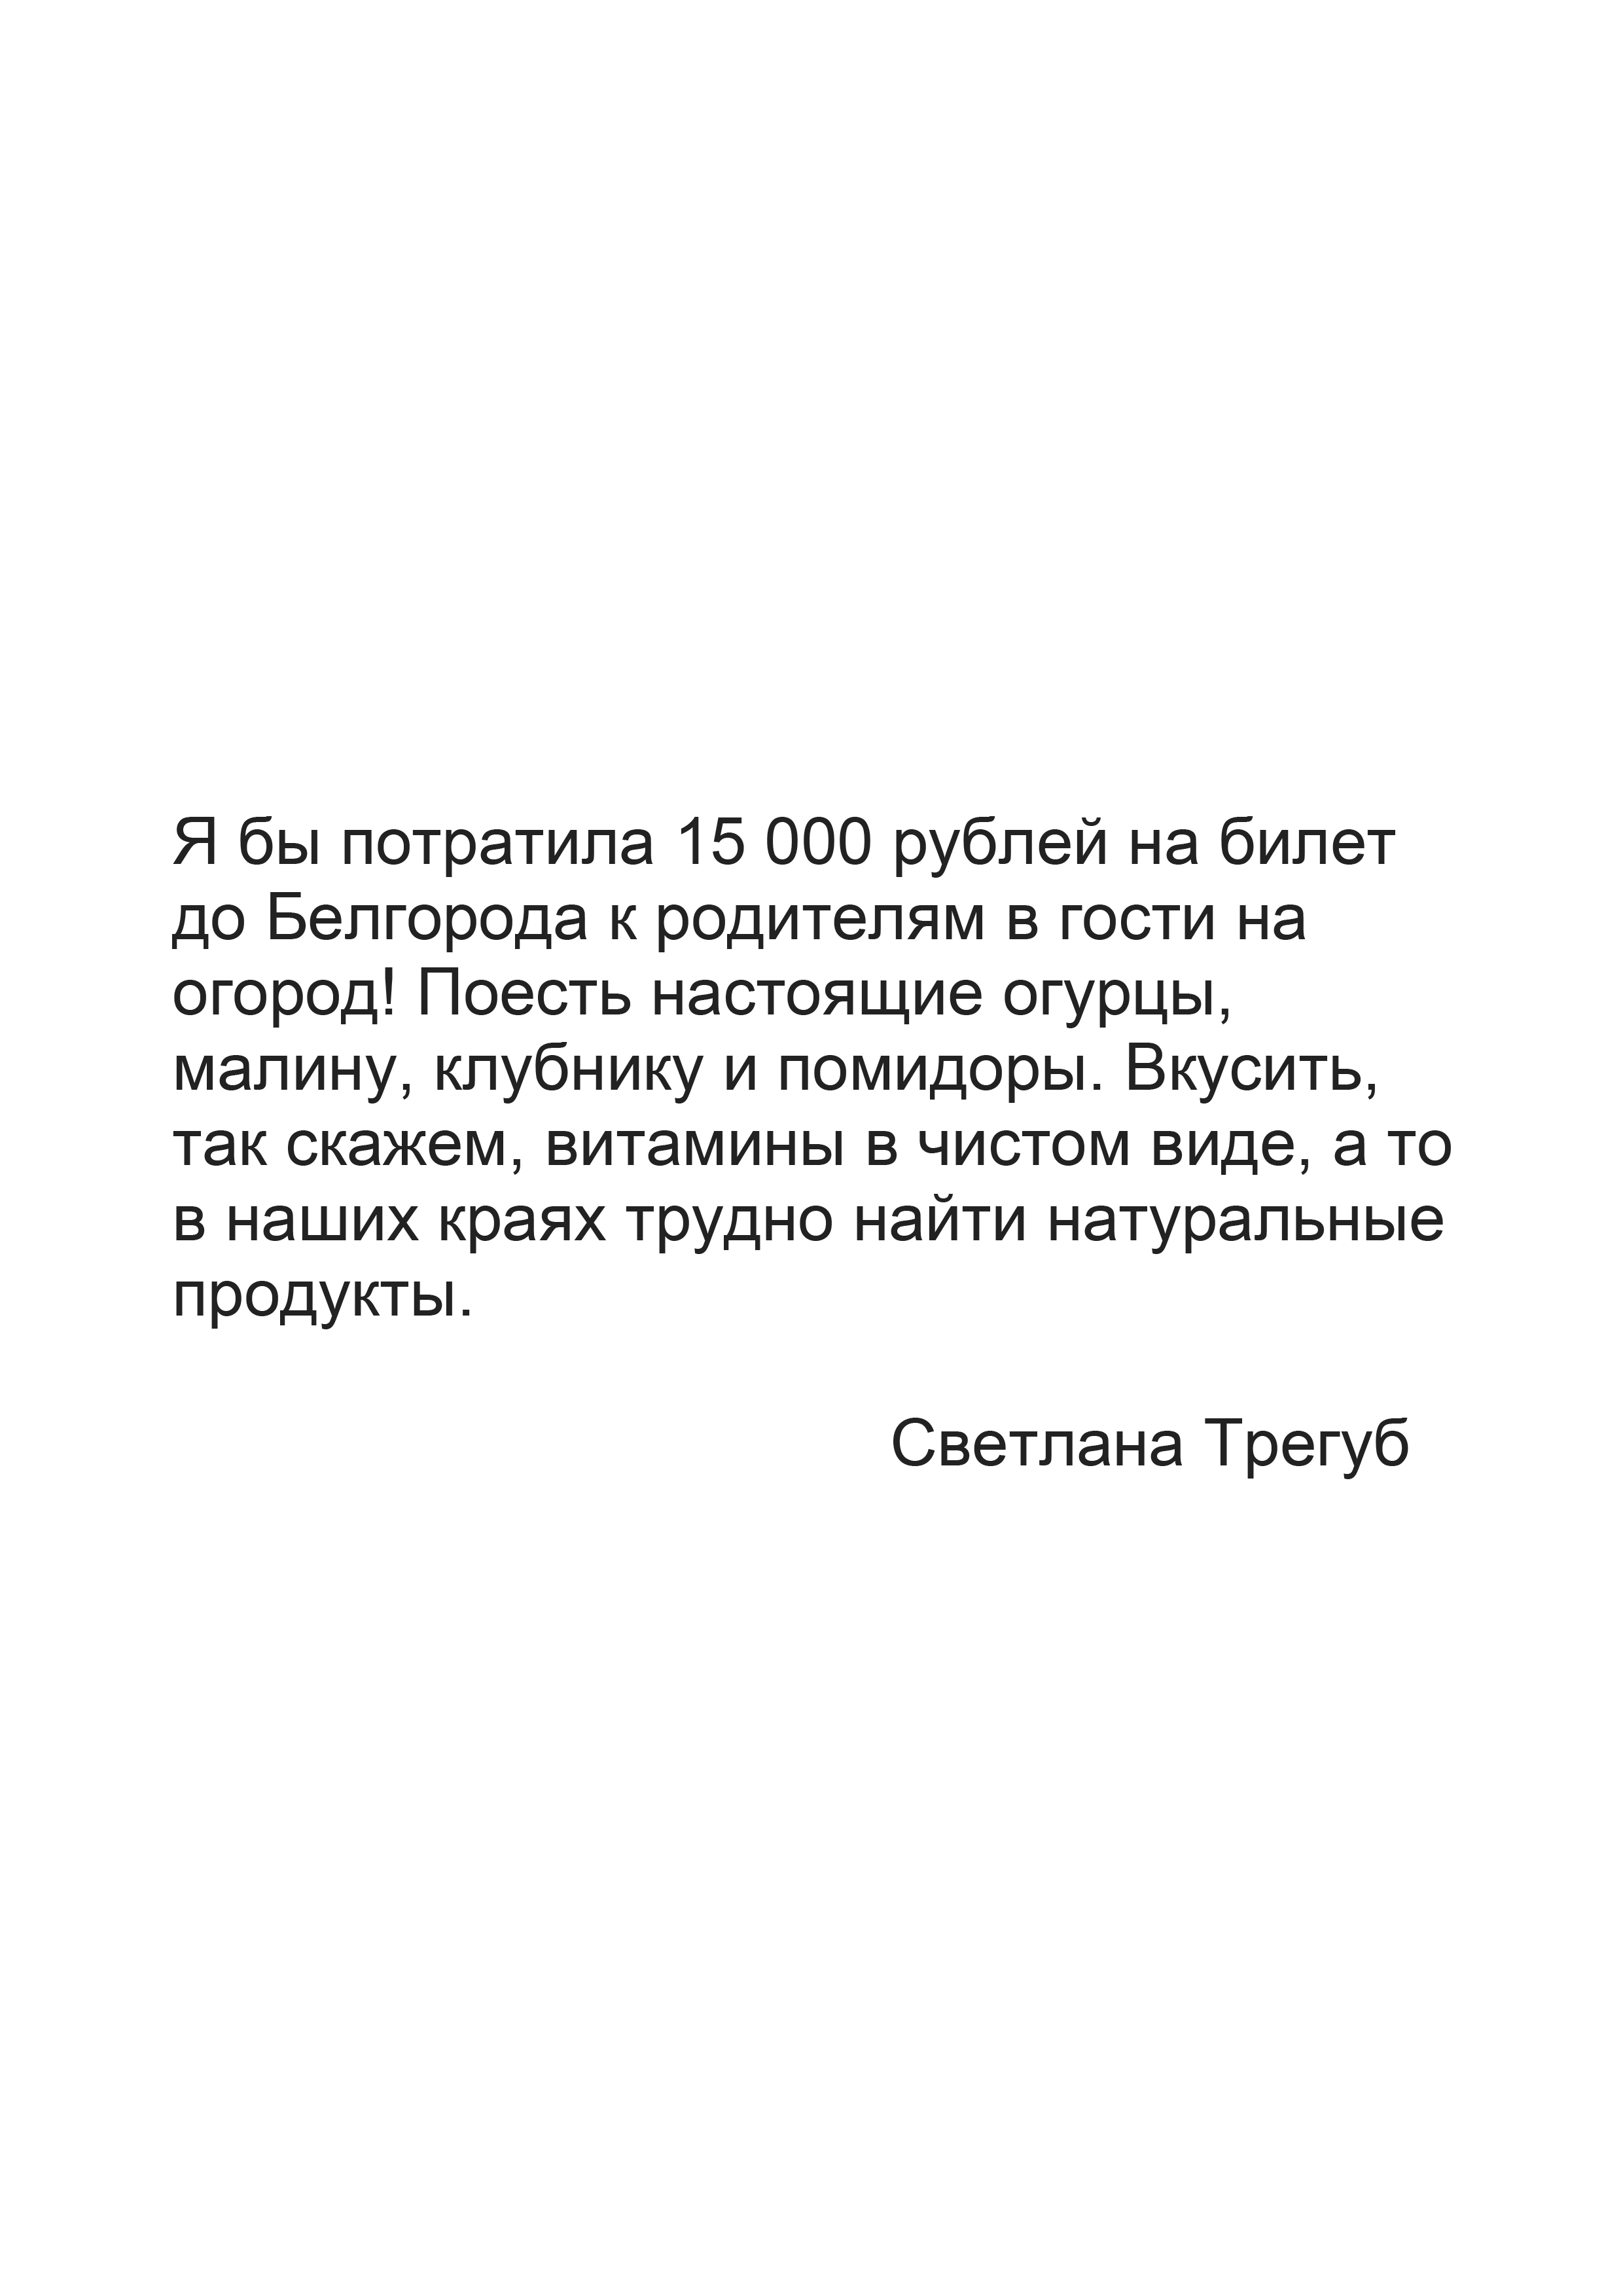 Светлана Трегуб